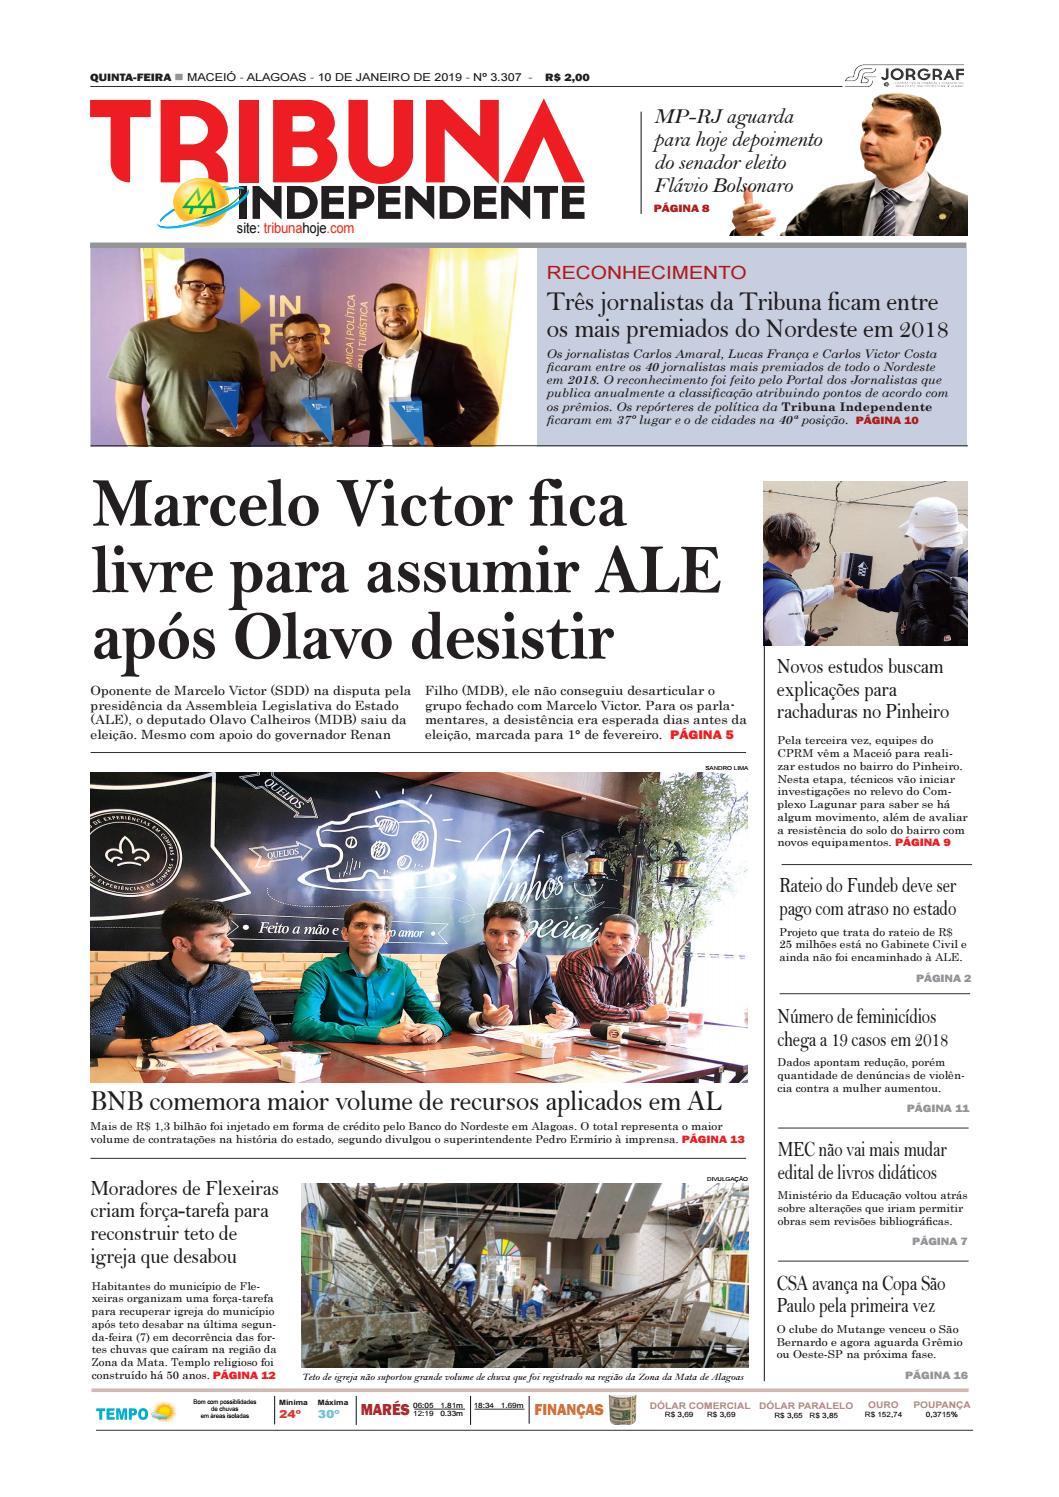 028f66e2650 Edição número 3307 – 10 de janeiro de 2019 by Tribuna Hoje - issuu